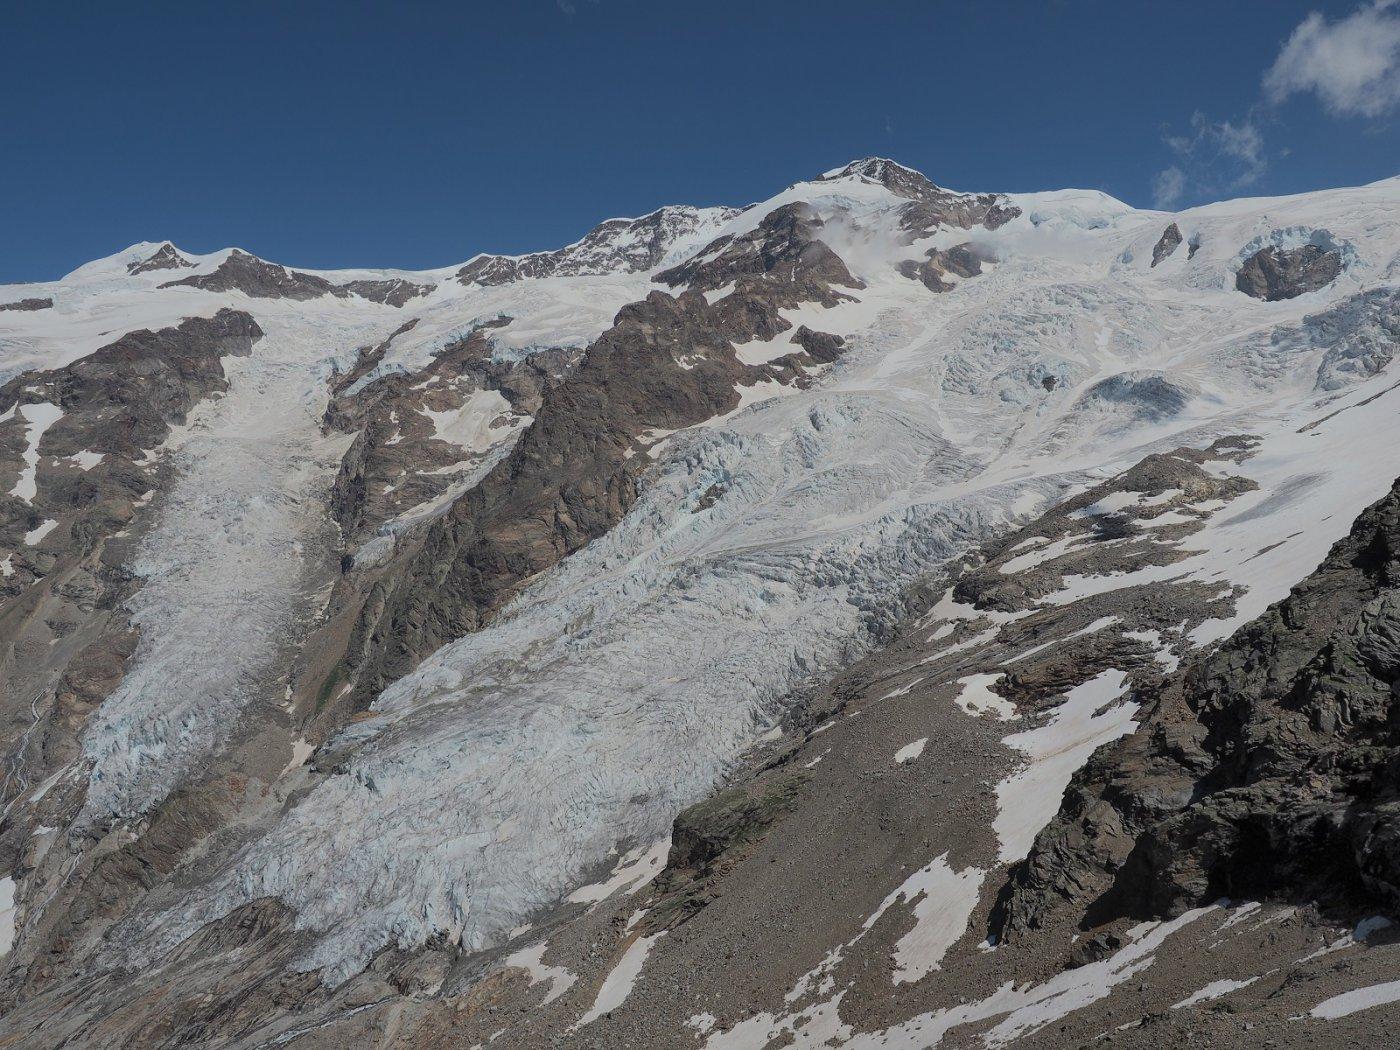 Vista stupenda sui ghiacciai dalla cima a quota 3348 m